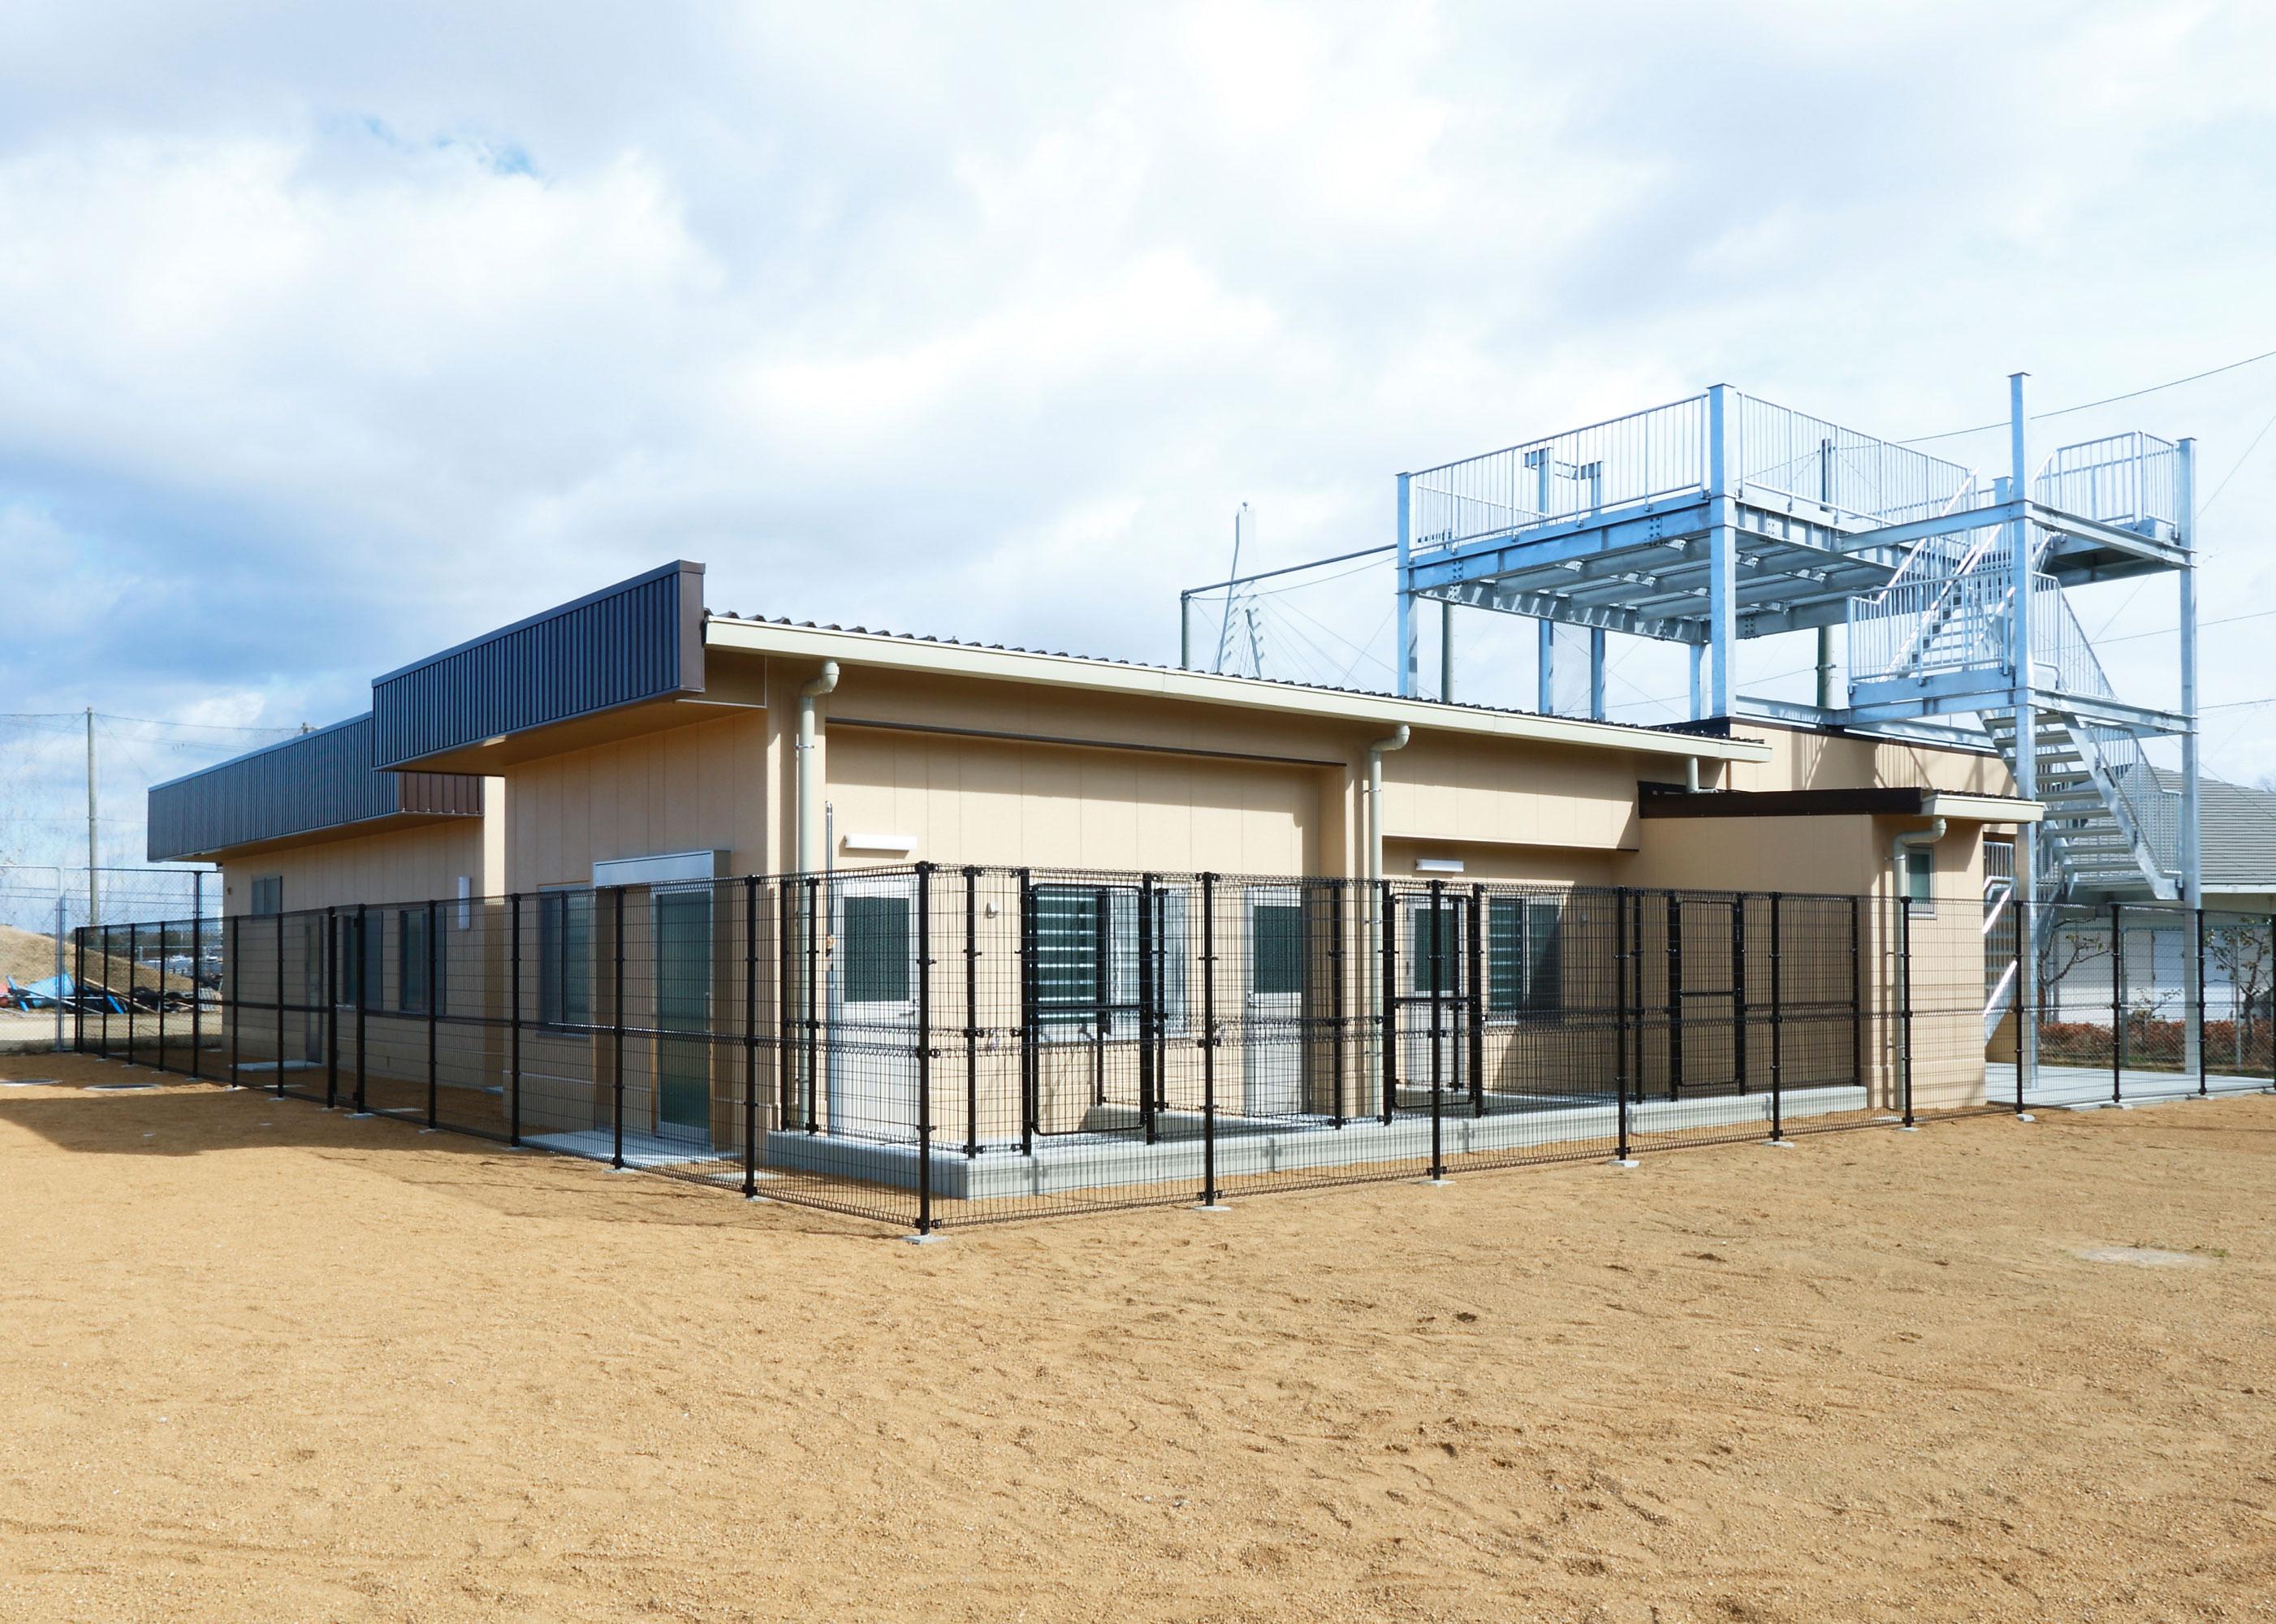 大阪府警察犬訓練センター(警備犬舎)新築工事